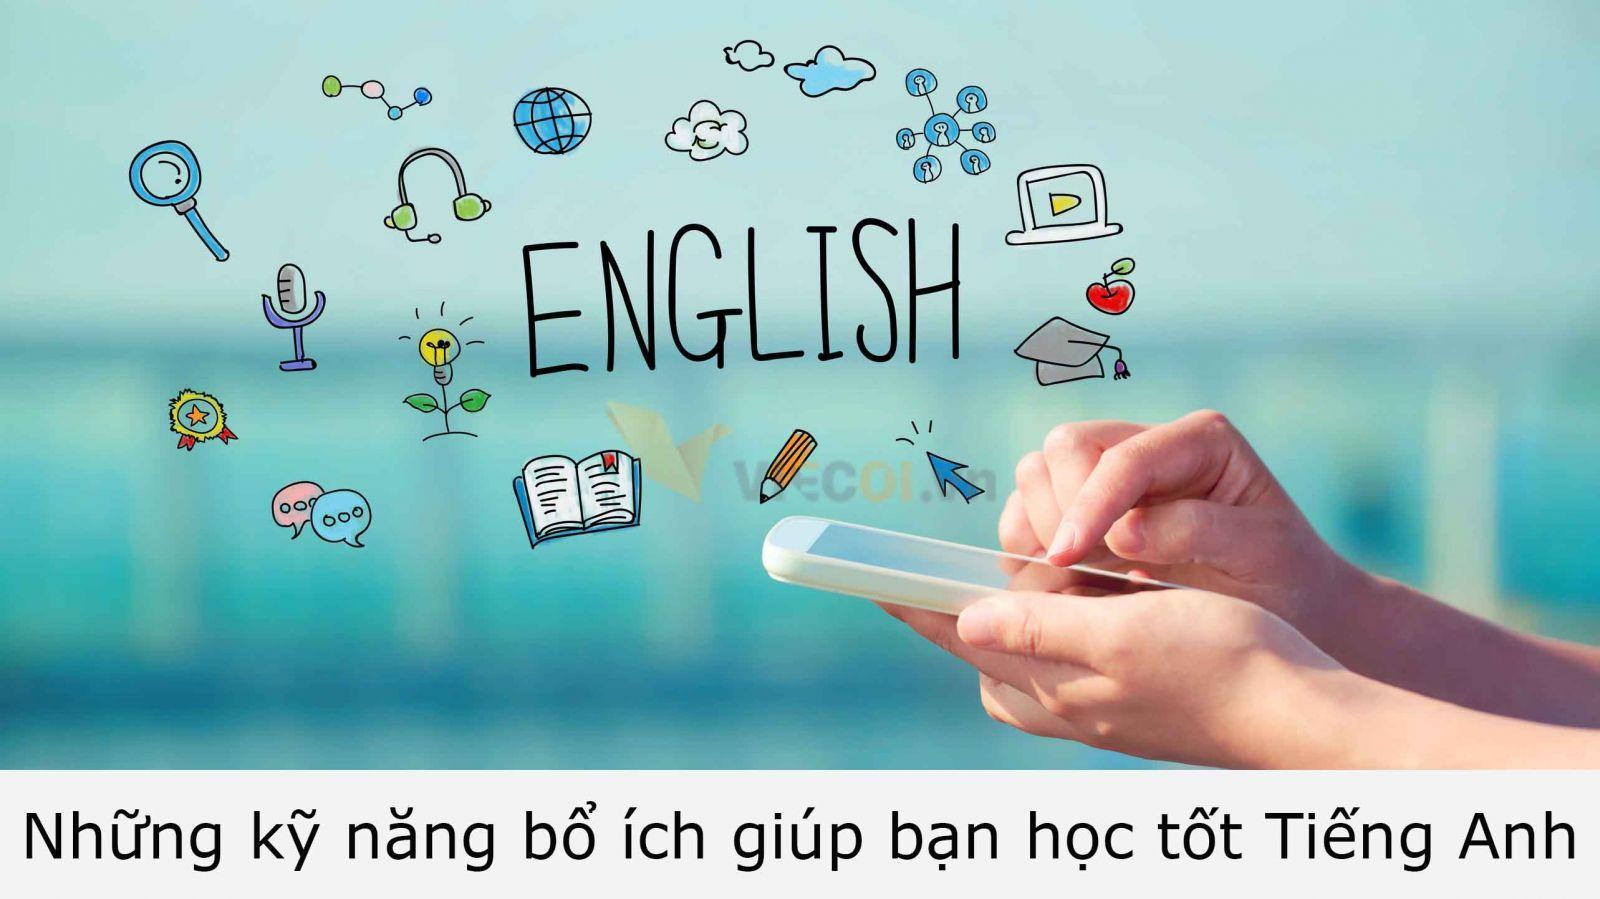 Kỹ Năng Học Tiếng Anh, Học Ngoại Ngữ, Kỹ Năng Việc Làm